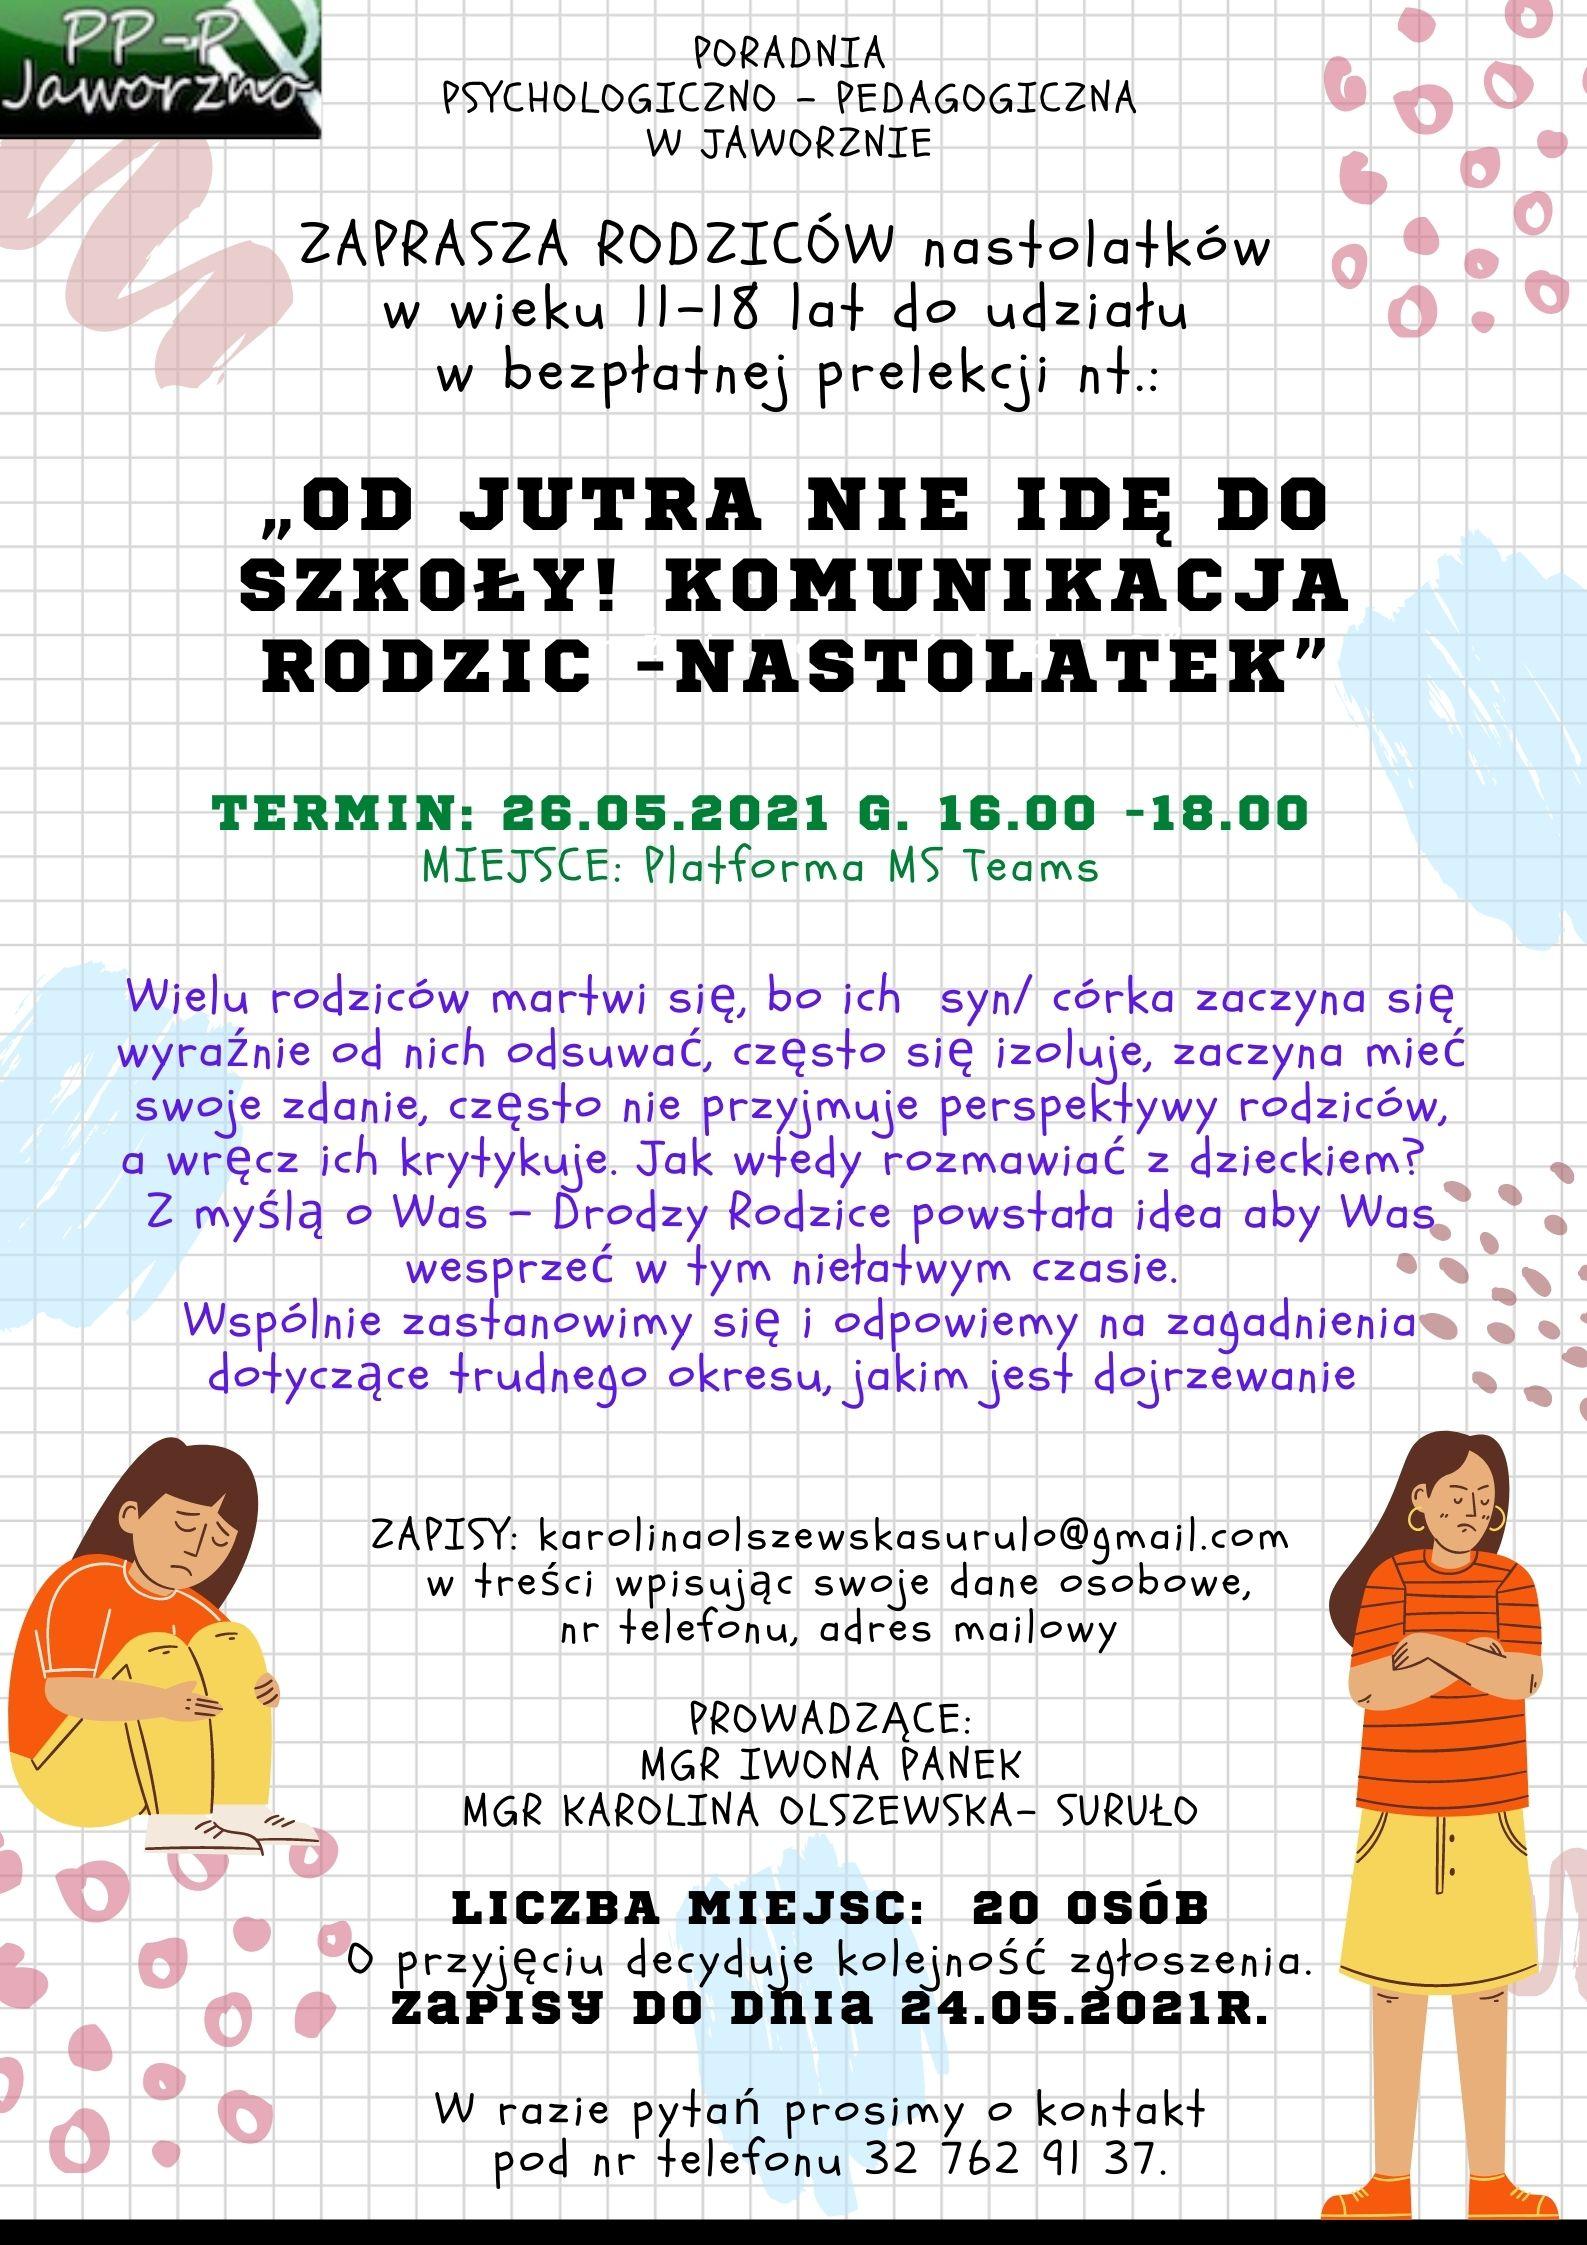 Prelekcja dla rodziców - plakat